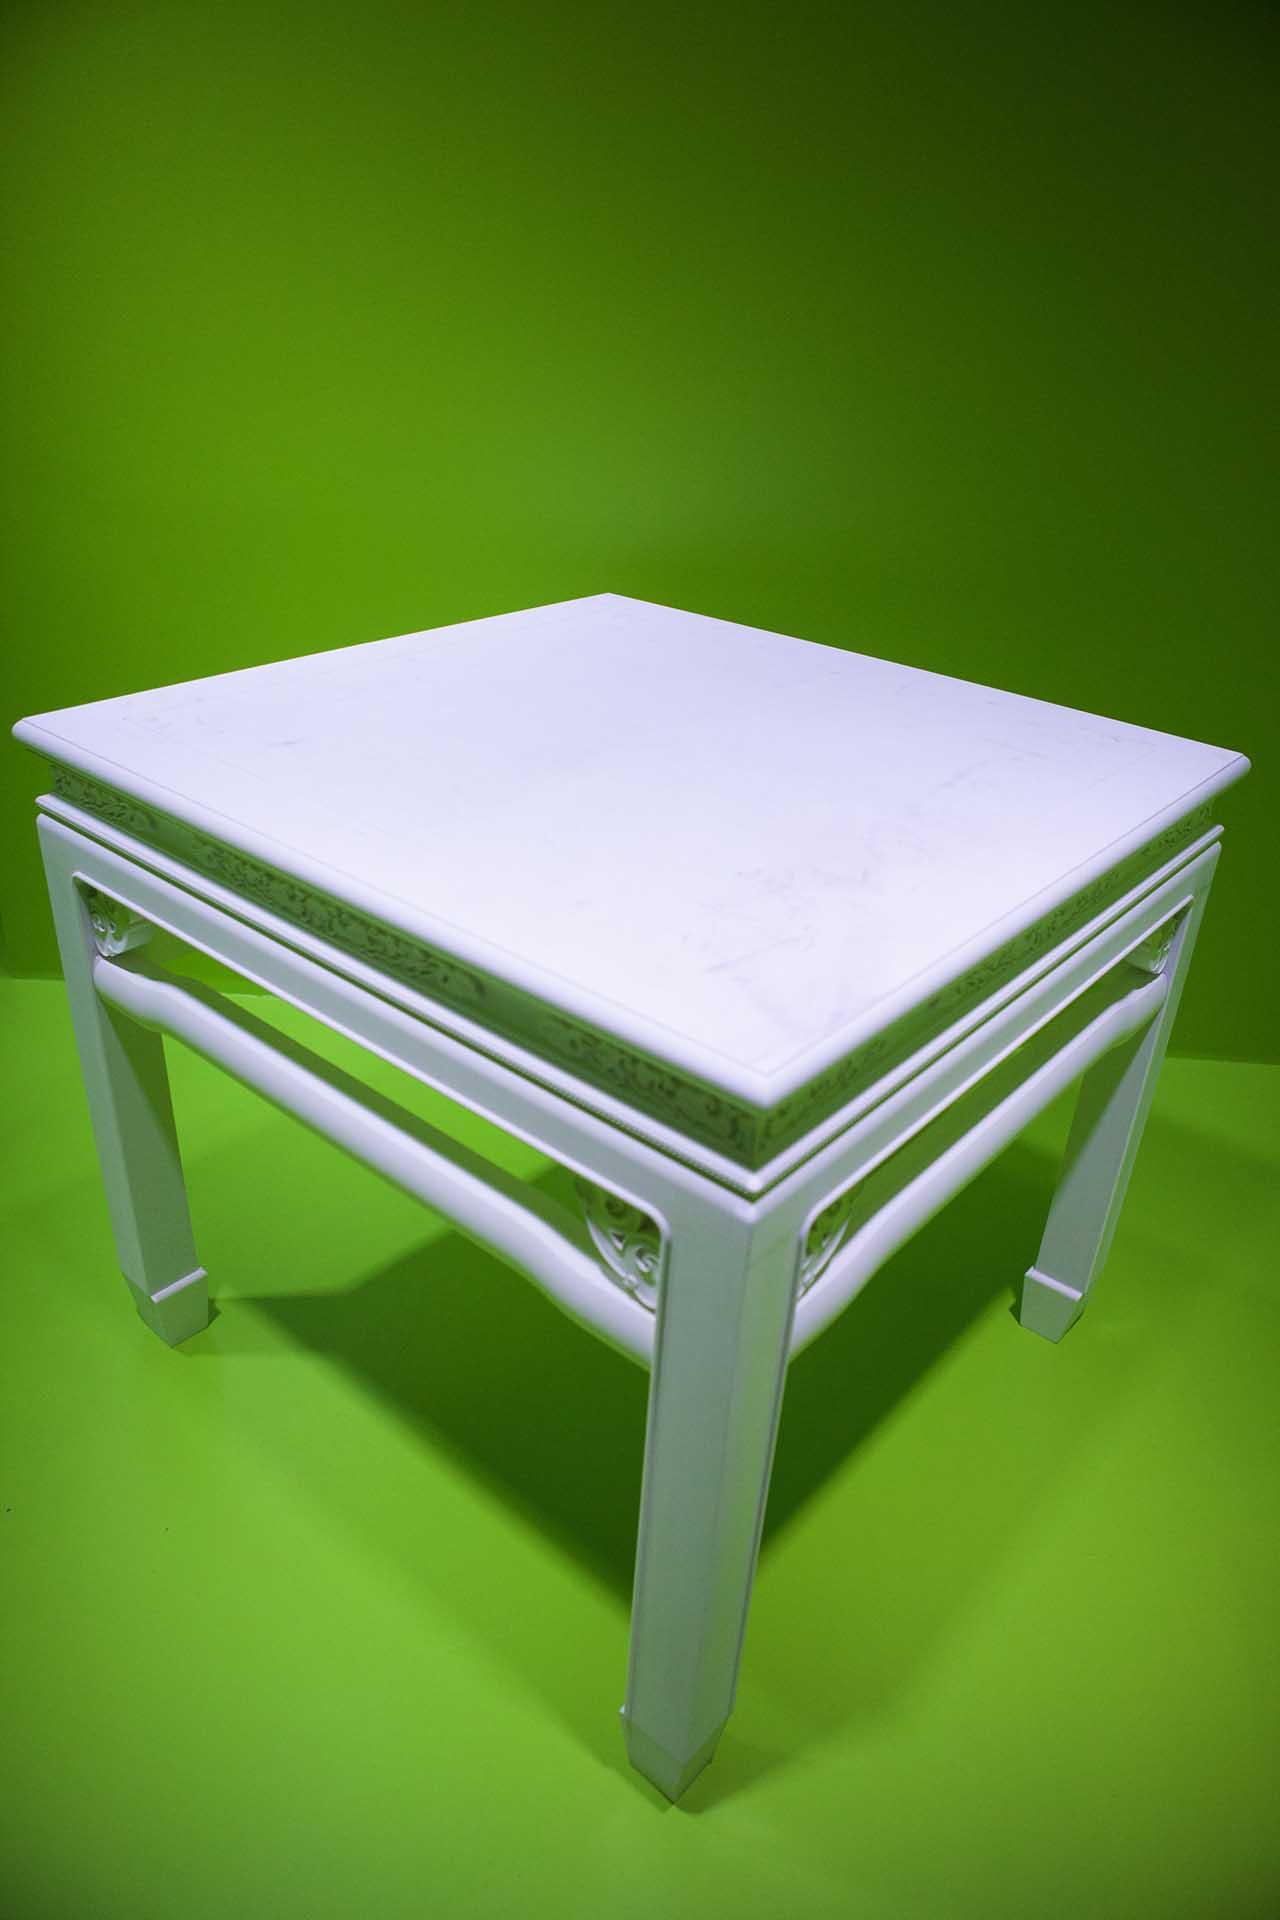 許家維 鐵甲元帥-白色四方桌 裝置 桌子108x106x115cm、台座 148x146x30cm